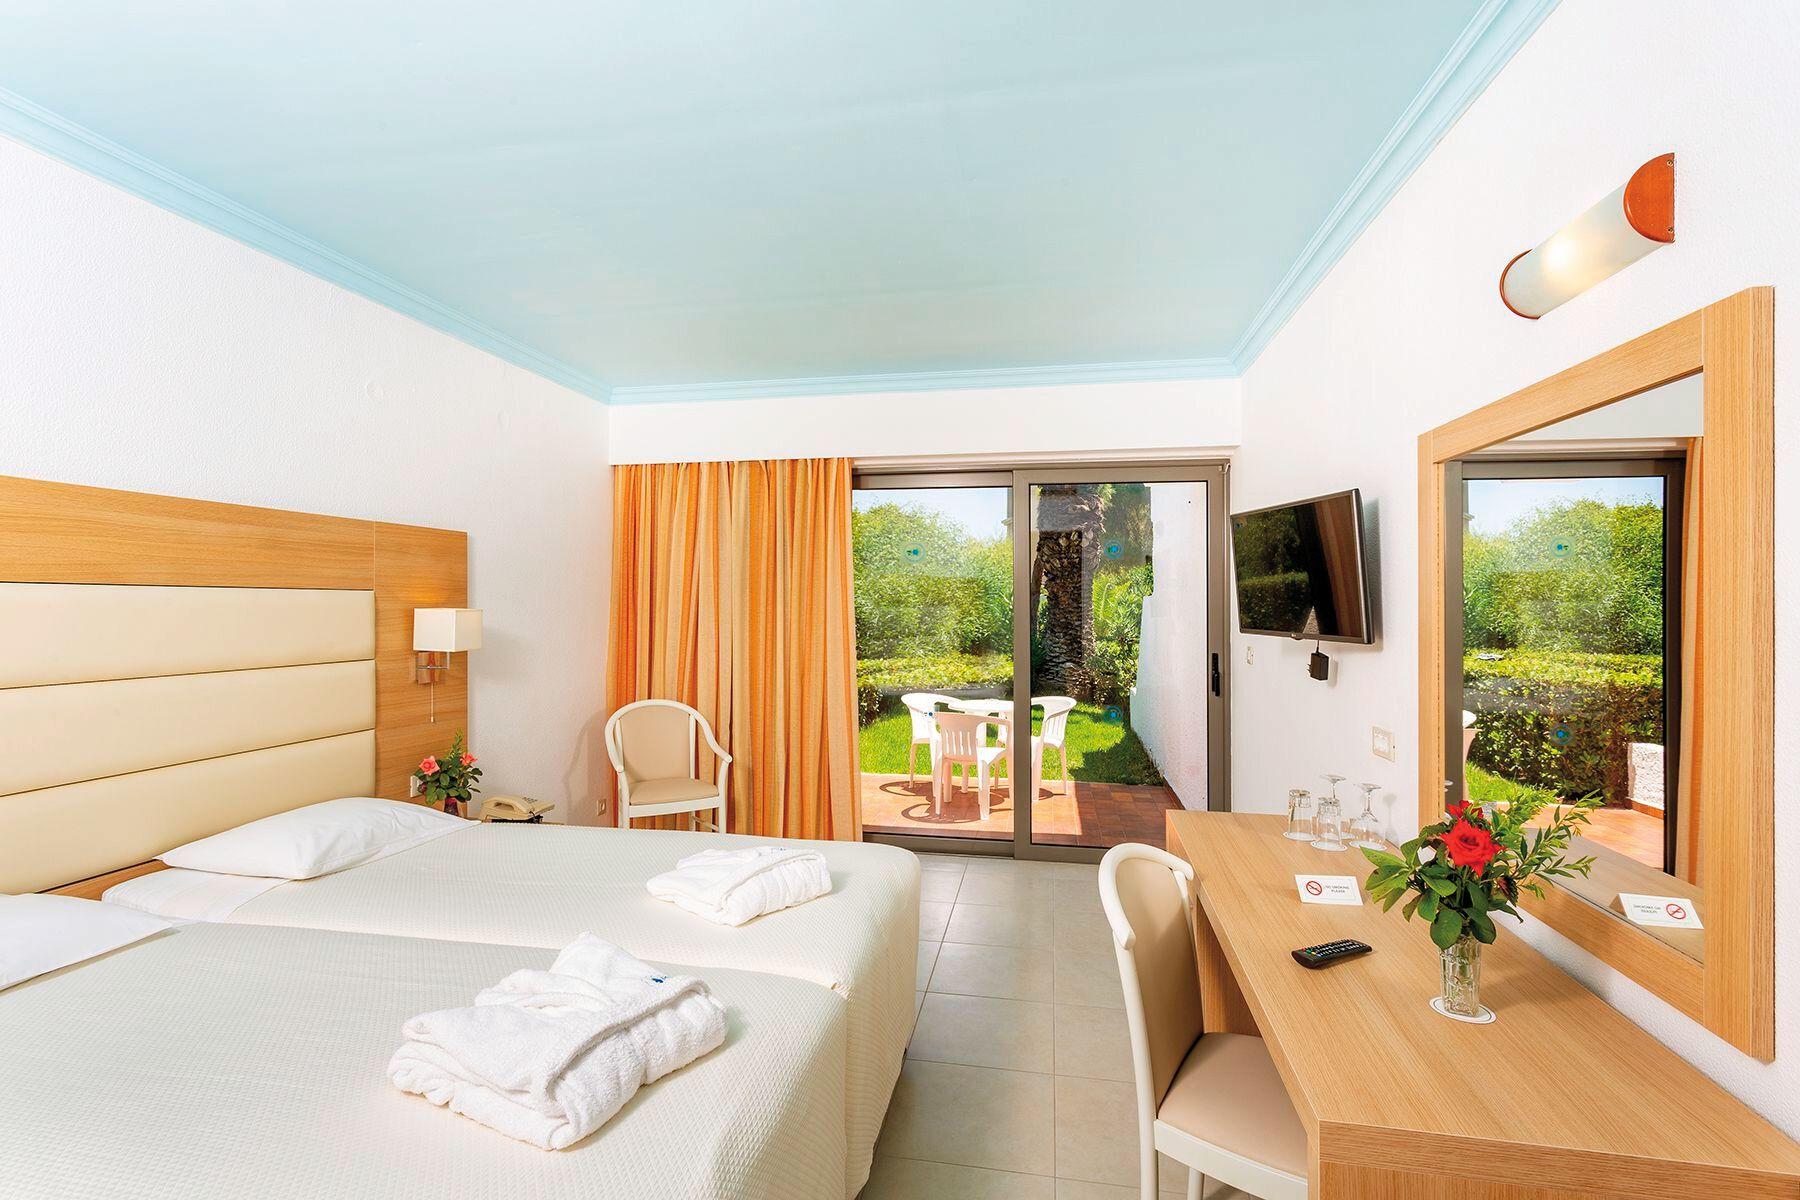 Ihr Wohnbeispiel Bungalow (1 Schlafzimmer) Gartenseite in Ihrem 4-Sterne-Hotel Blue Horizon